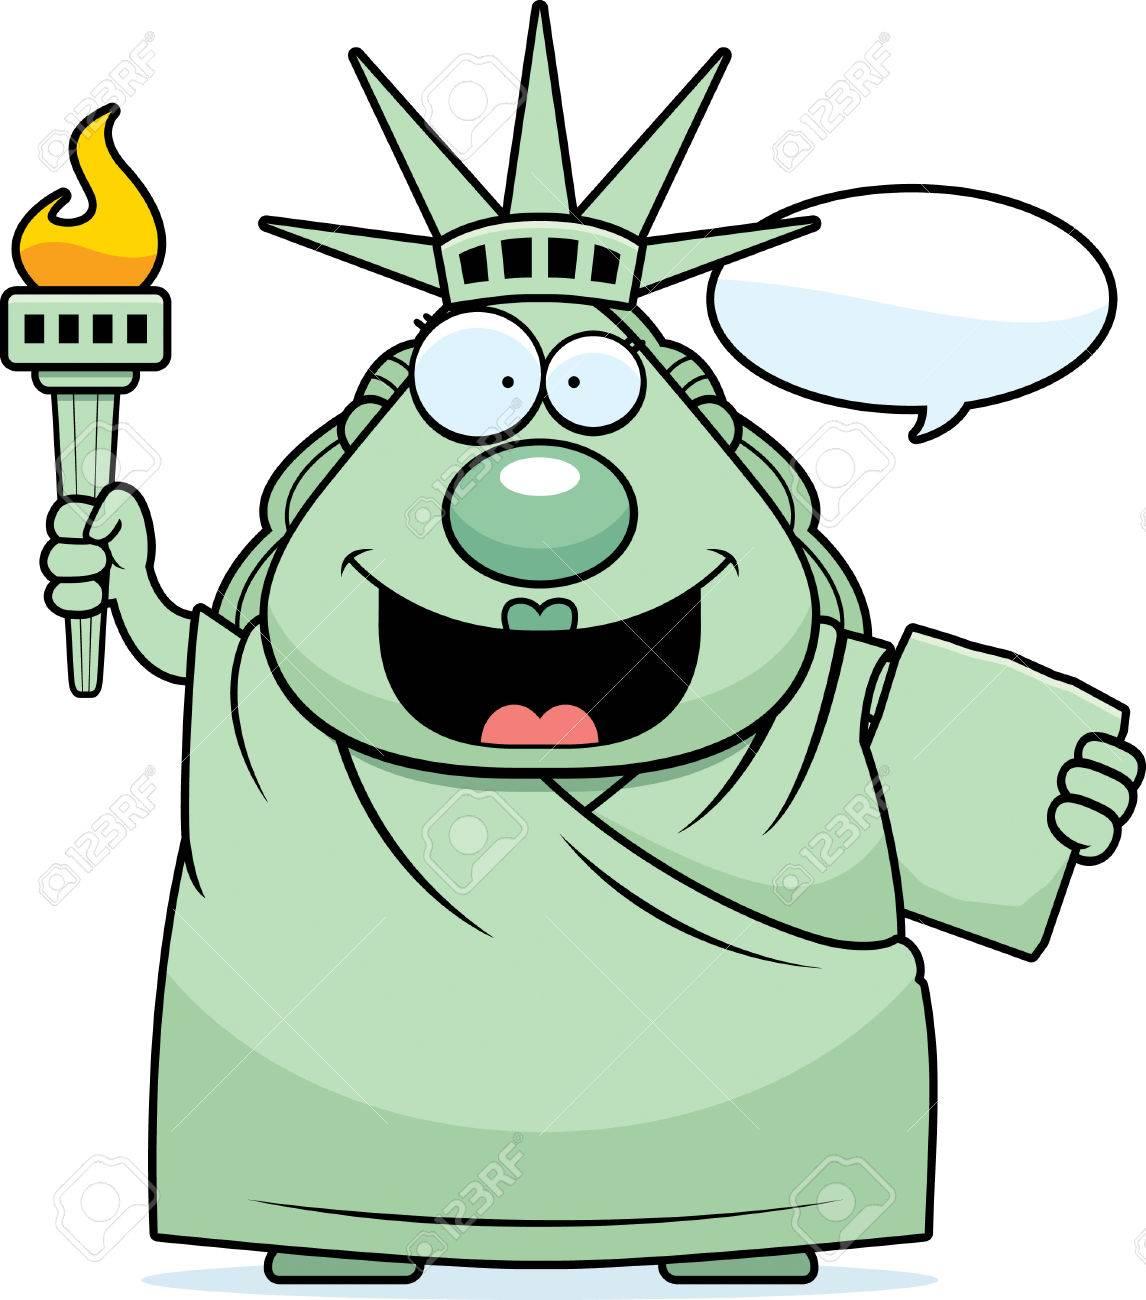 自由の女神像の話の漫画イラストのイラスト素材ベクタ Image 44502704